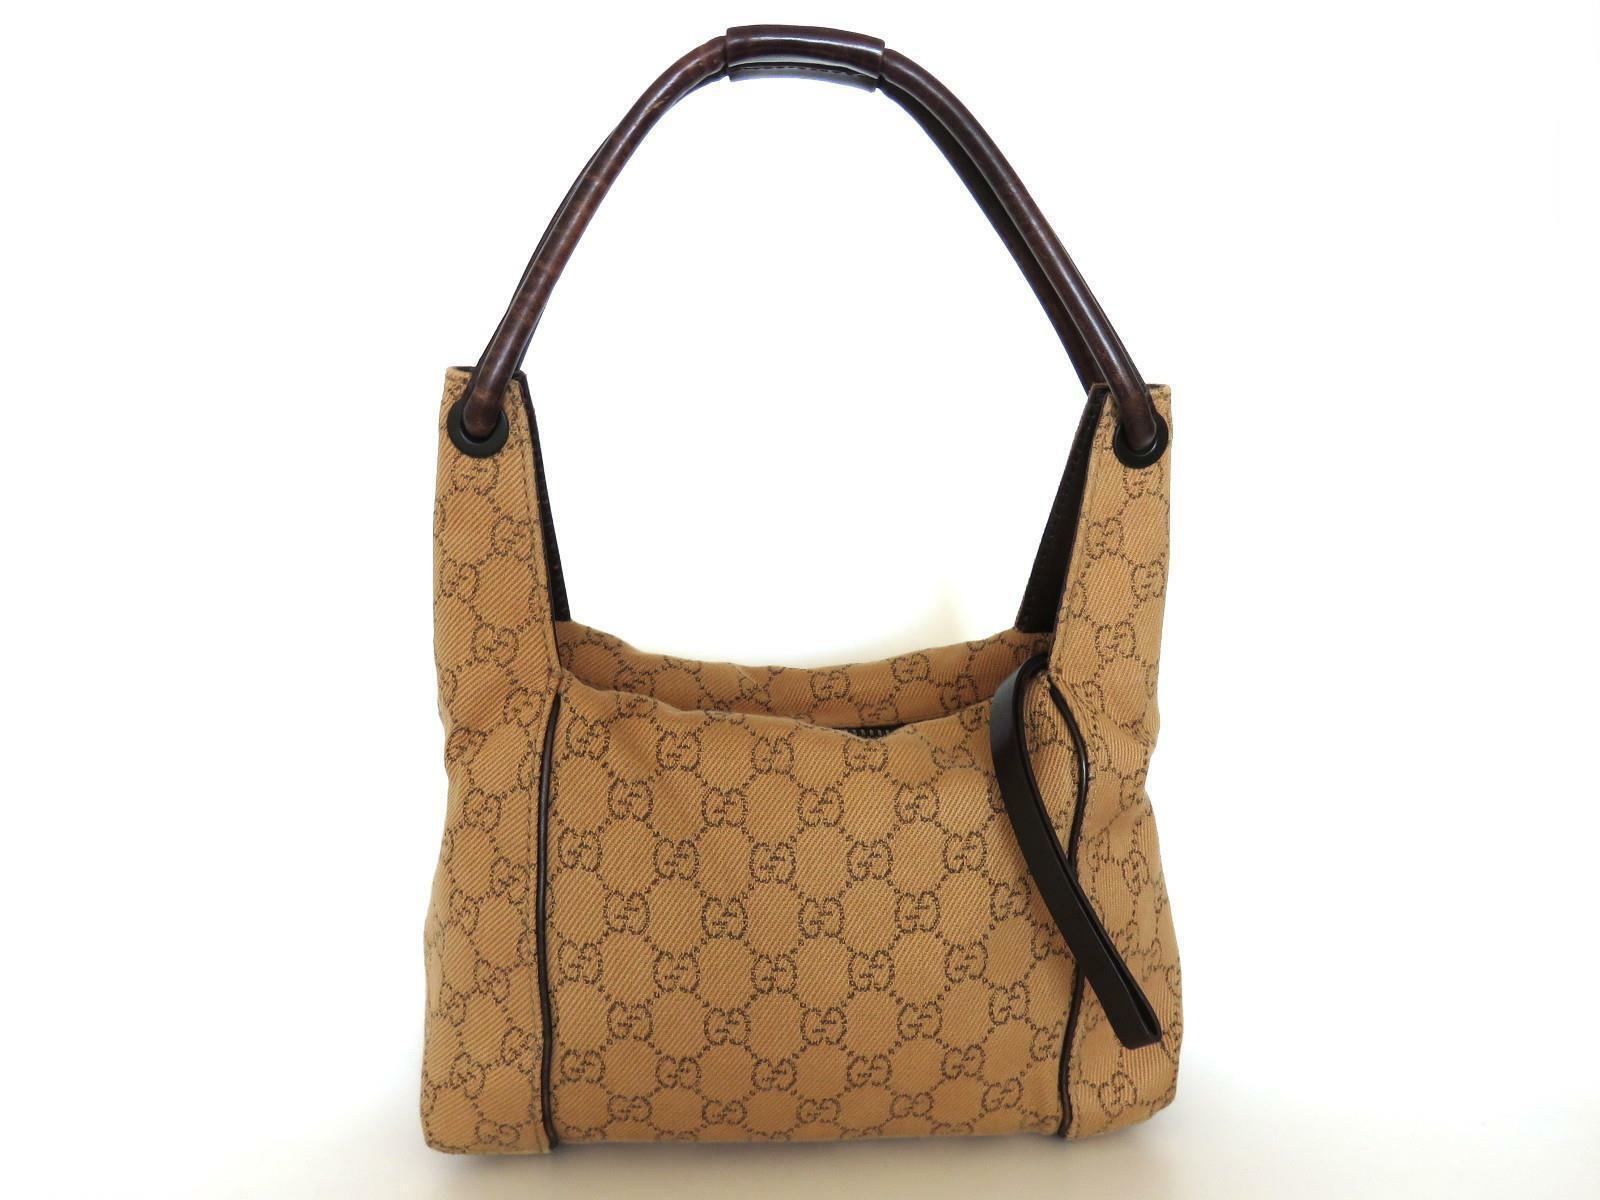 91937718d S l1600. S l1600. Previous. Authentic GUCCI Original GG Canvas Leather  Brown Shoulder Bag Purse. Authentic ...